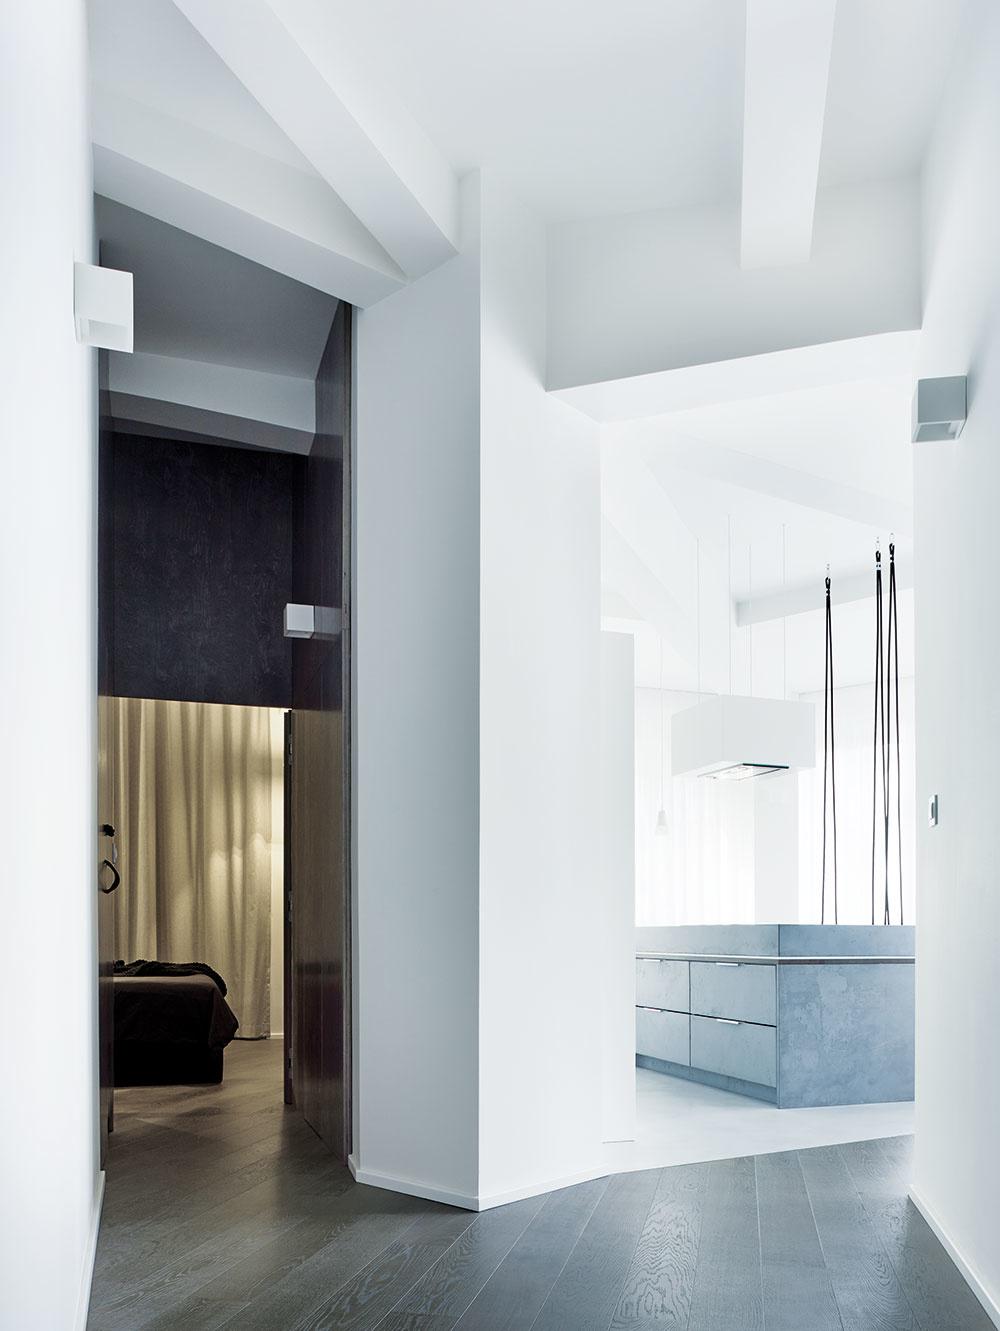 Nepravidelný tvar bytu je čitateľný už pri pohľade zchodby. Geometriu stavby zdôrazňujú betónové stropné nosníky, lúčovito vybiehajúce zmohutného centrálneho stĺpa.